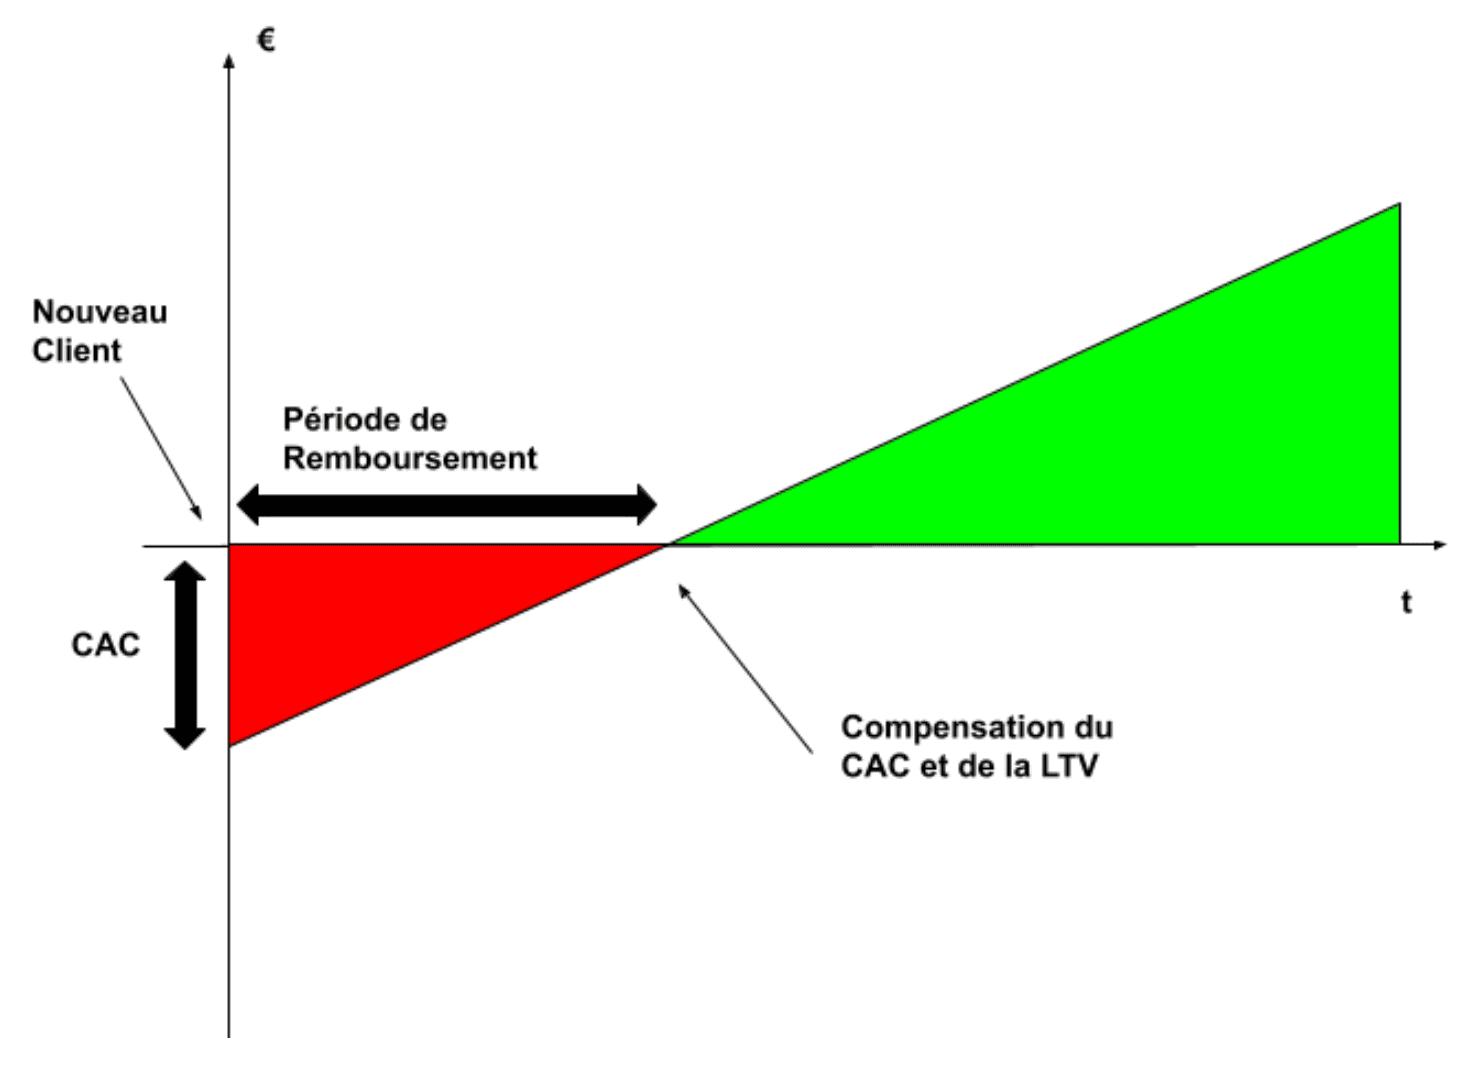 Graphique I Période de remboursement du CAC